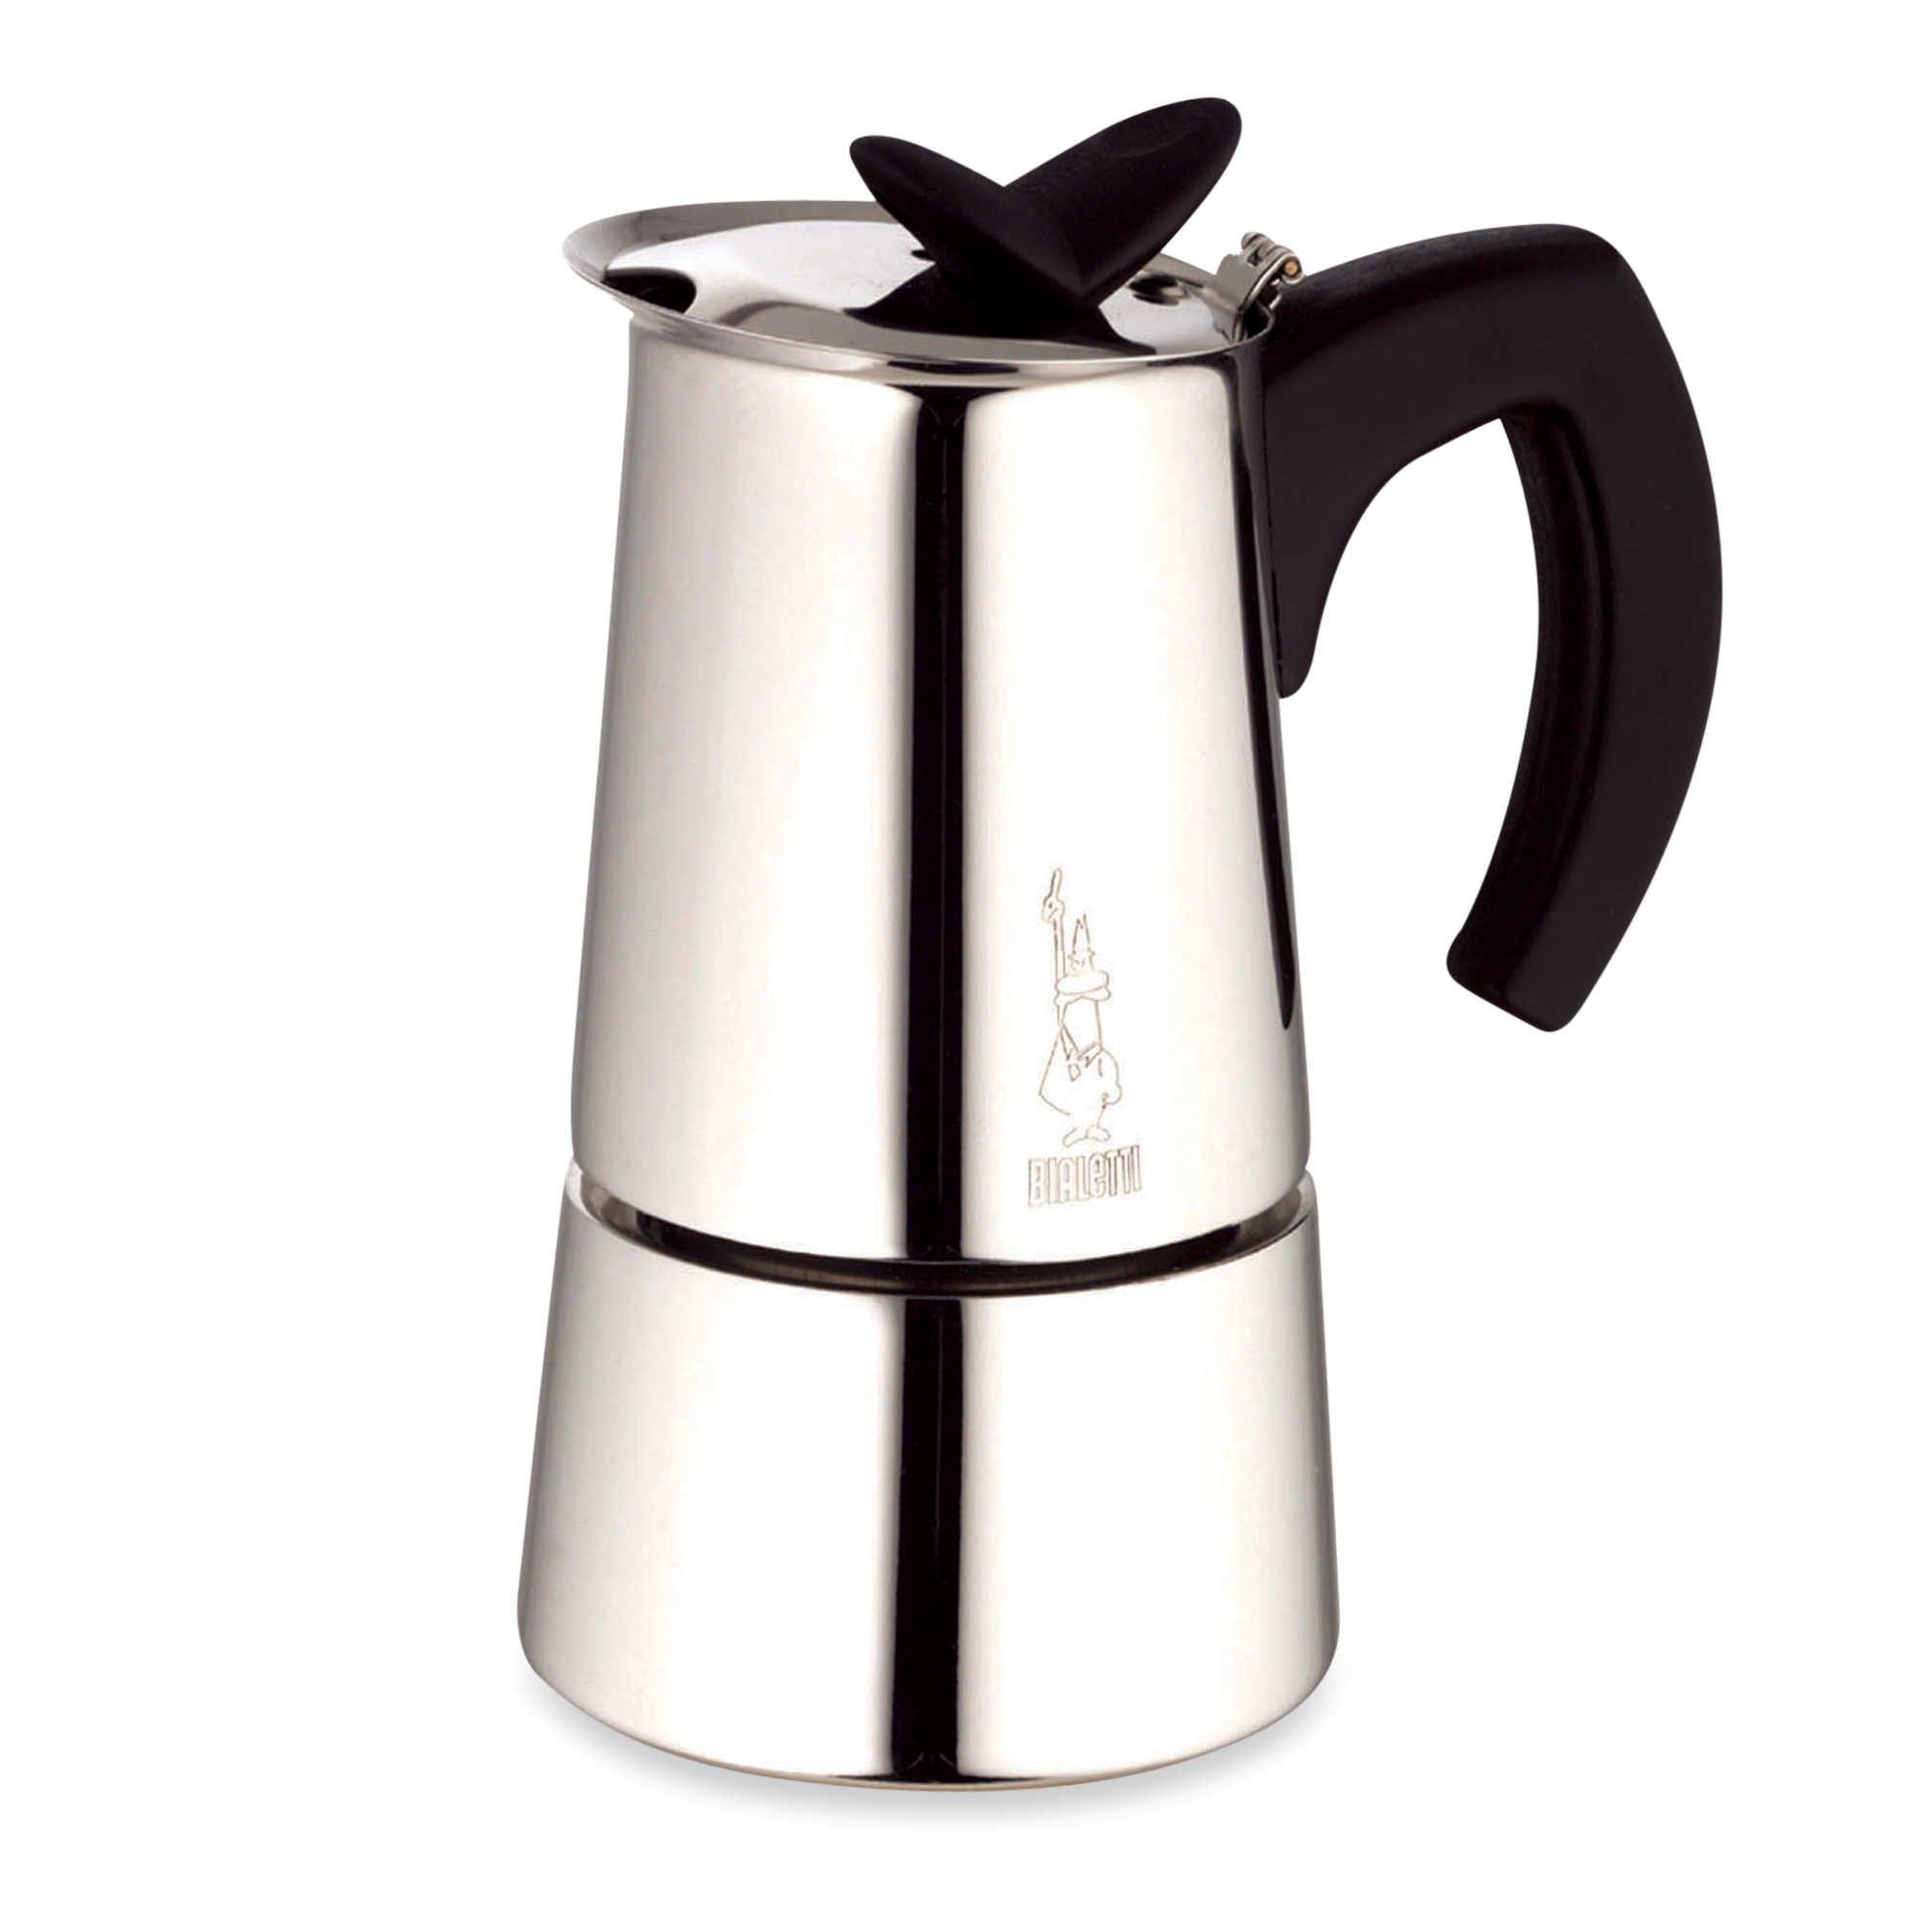 Bialetti Musa 6-Cup Stovetop Espresso Maker